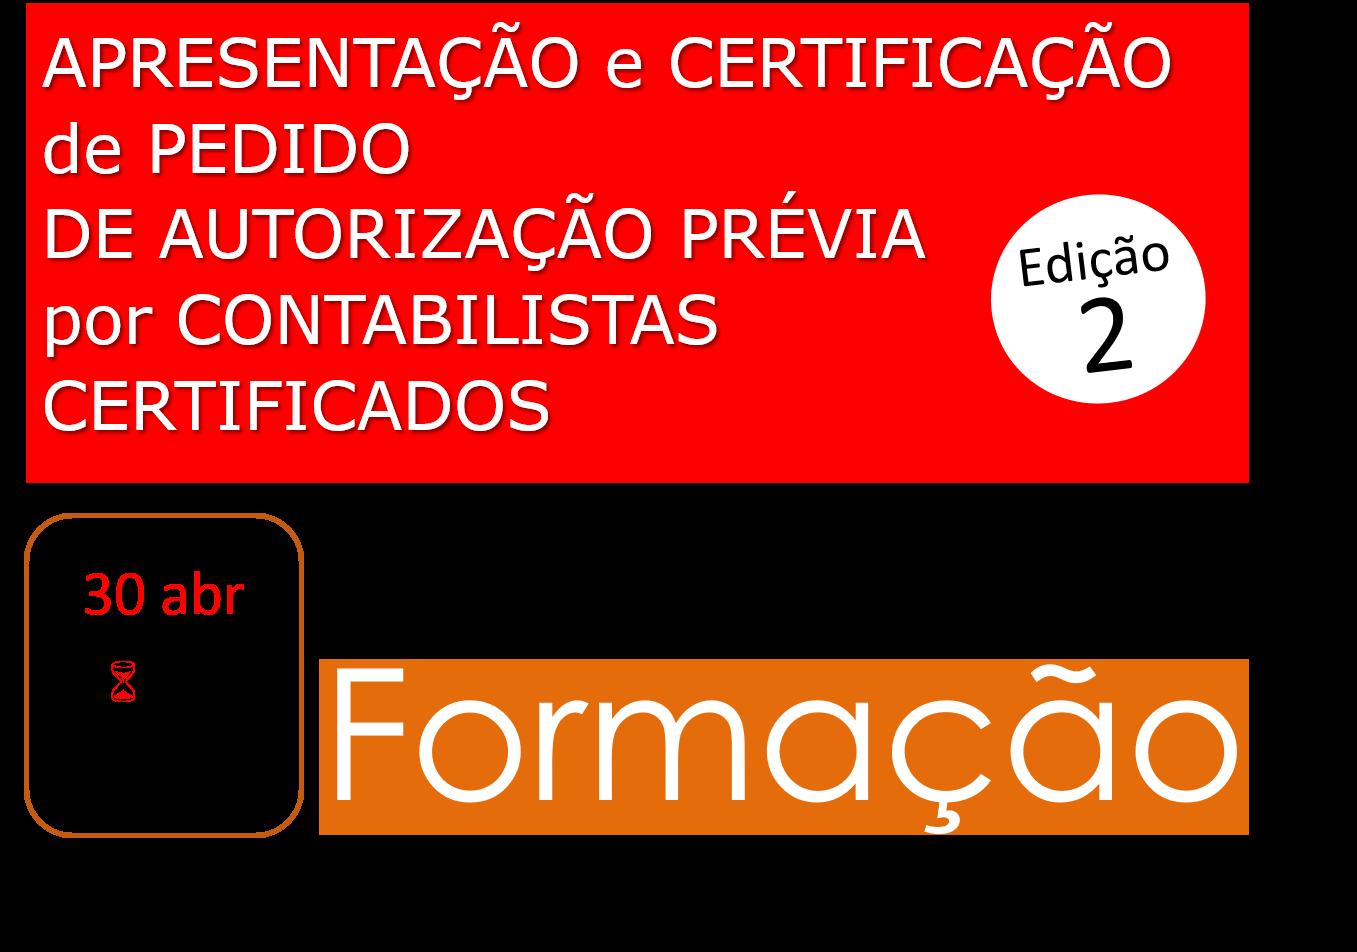 APRESENTAÇÃO e CERTIFICAÇÃO de PEDIDO DE AUTORIZAÇÃO PRÉVIA por CONTABILISTAS CERTIFICADOS - 30/abr